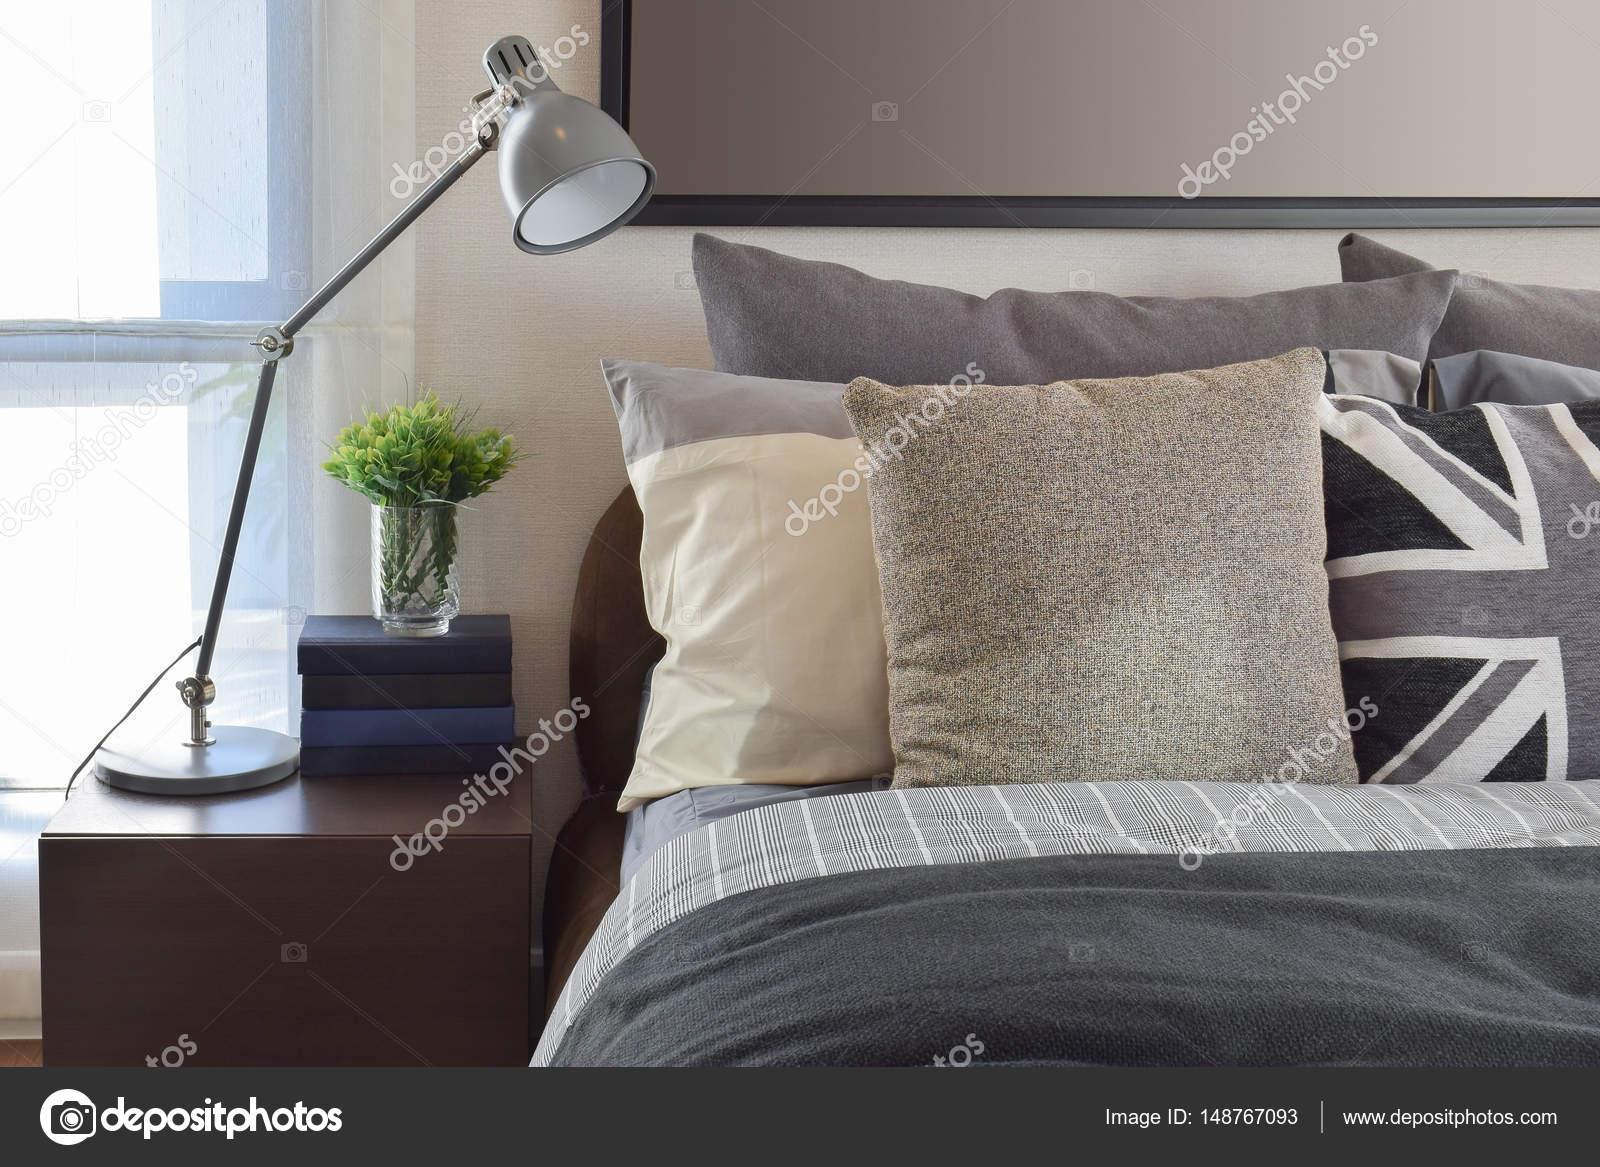 Comò Camera Da Letto Moderna : Camera da letto moderna con cuscino grigio e la lampada sul